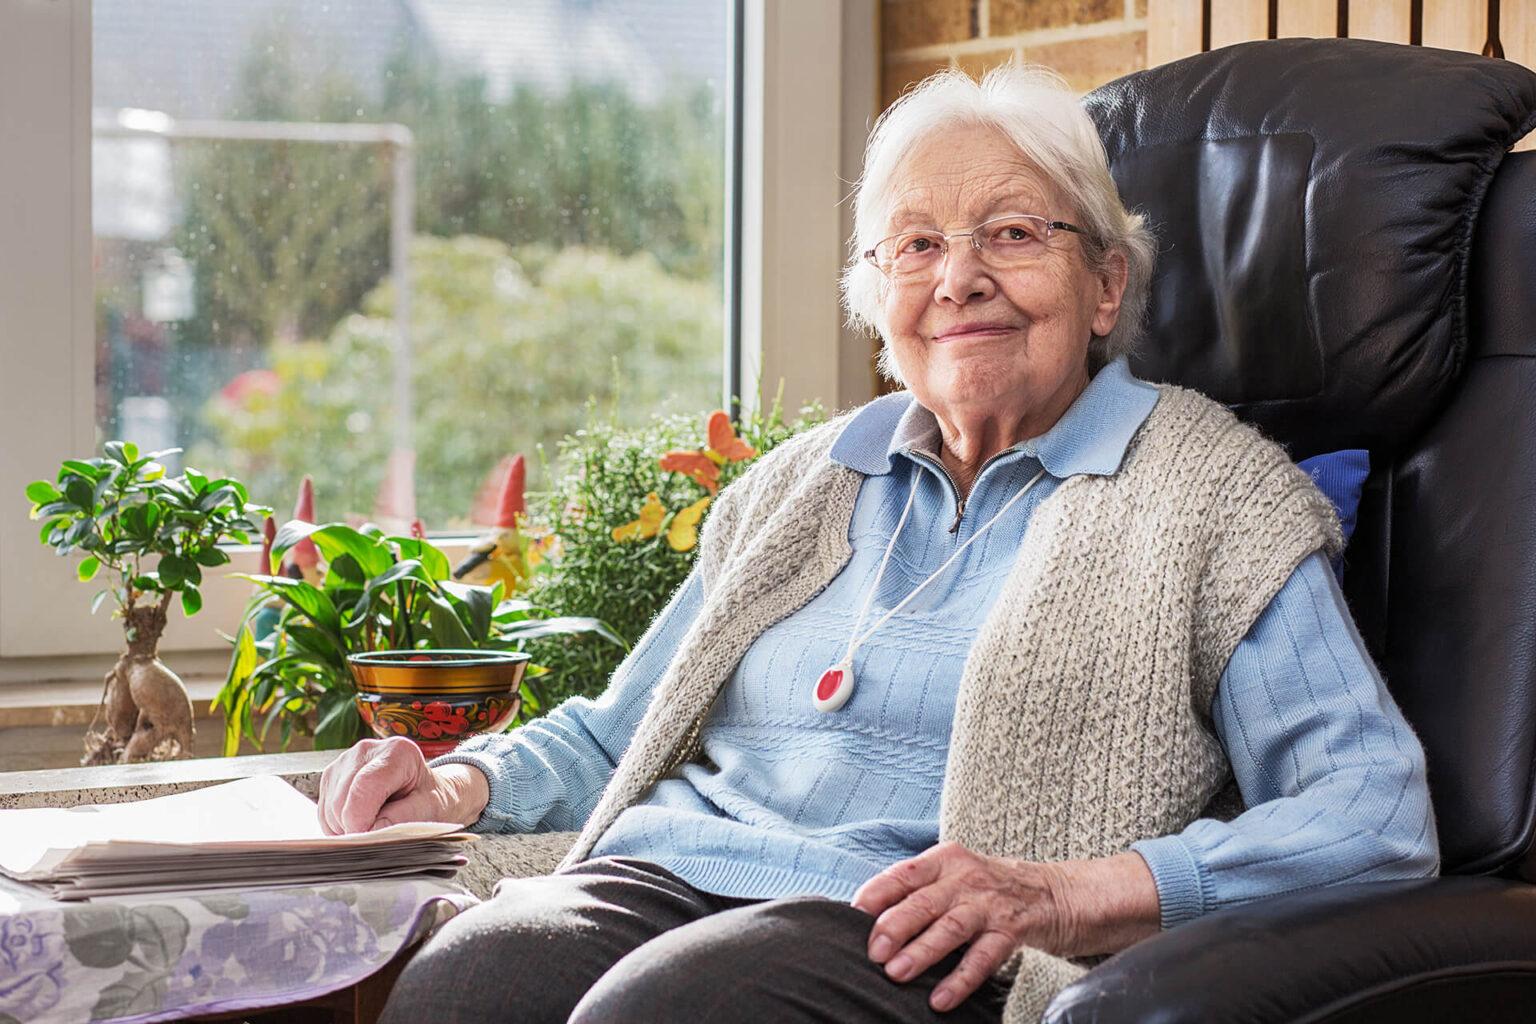 Frau freut sich über die 24 Stunden Betreuung & Pflege bei Parkinson